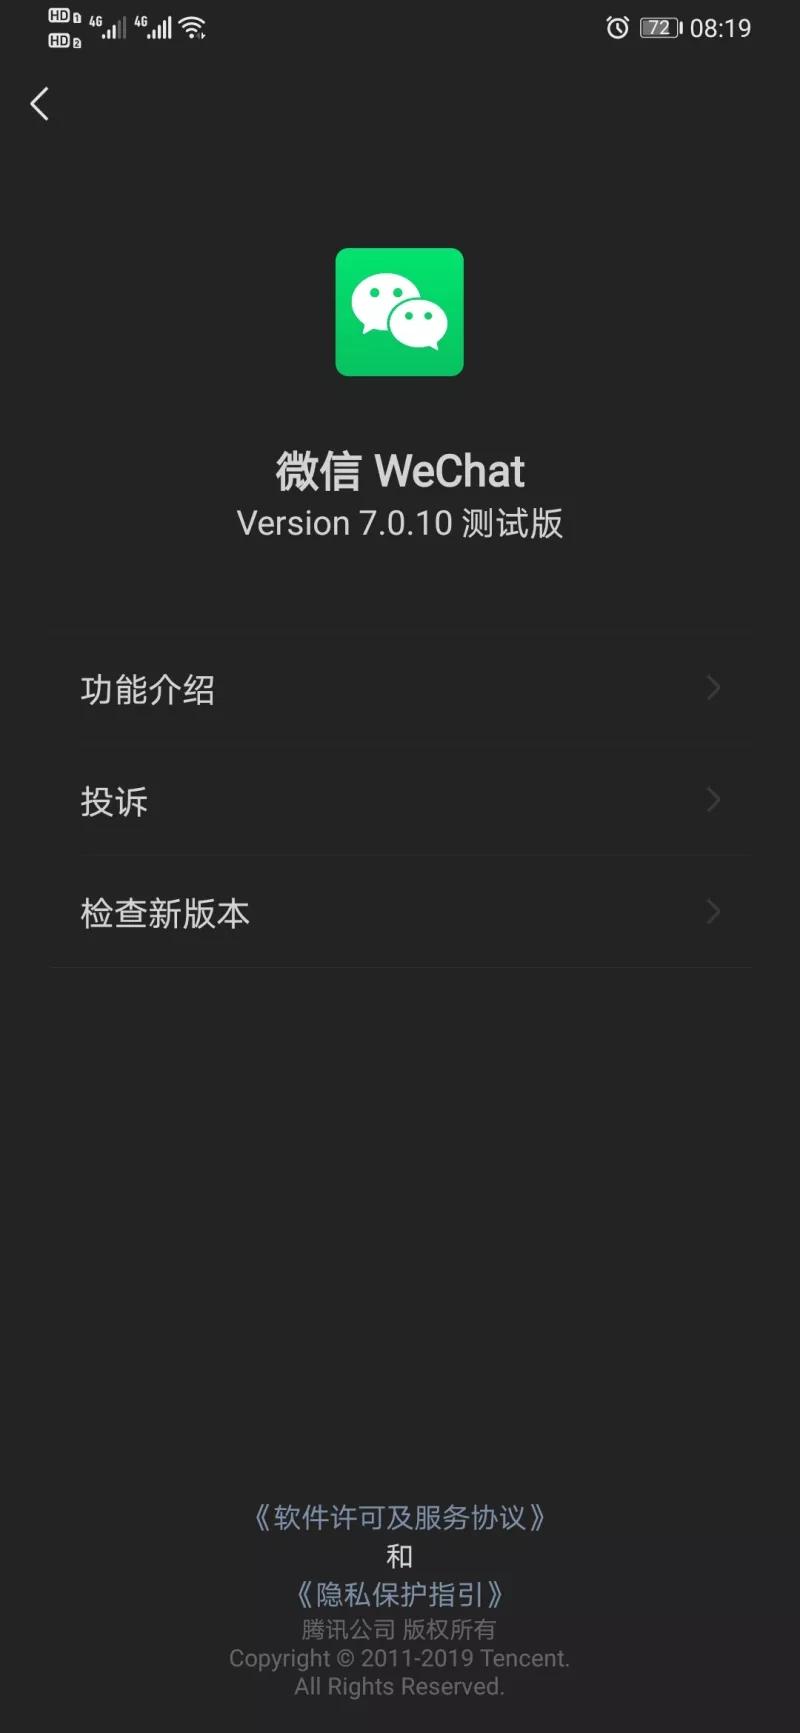 微信7.0.10安装包